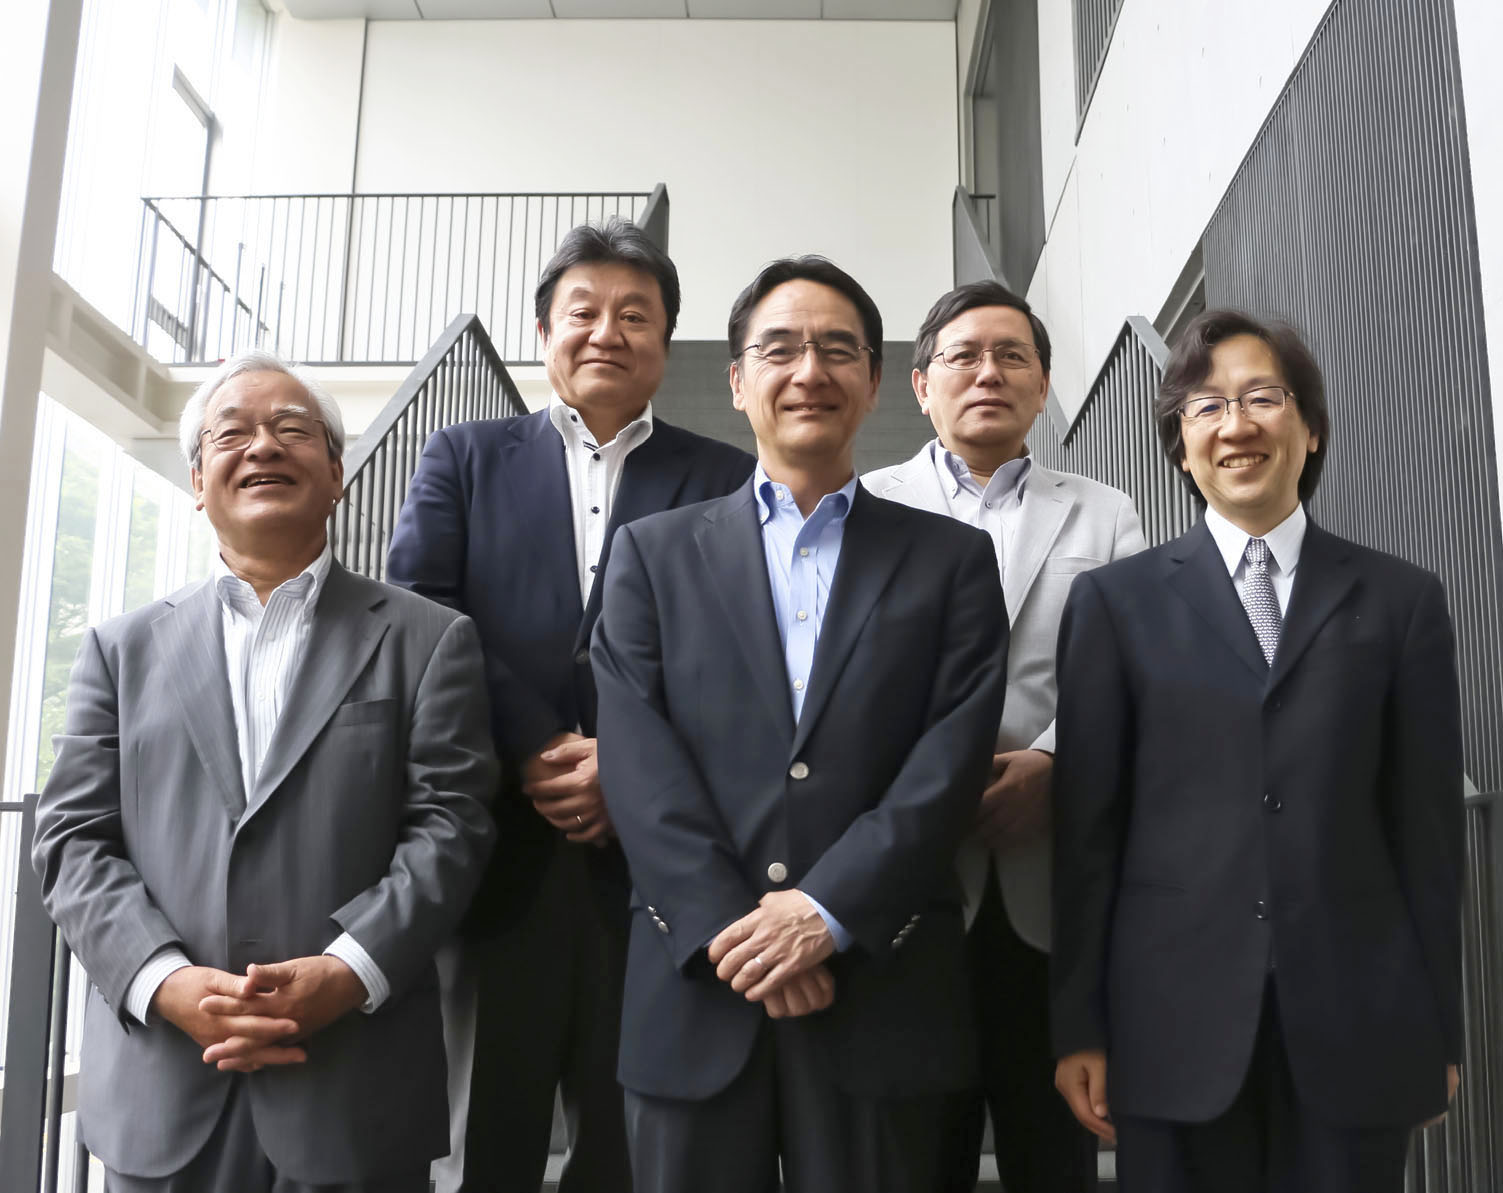 上段左から、堀池純夫、大西廉伸 下段左から、松本幹雄、富井和志、島本直伸